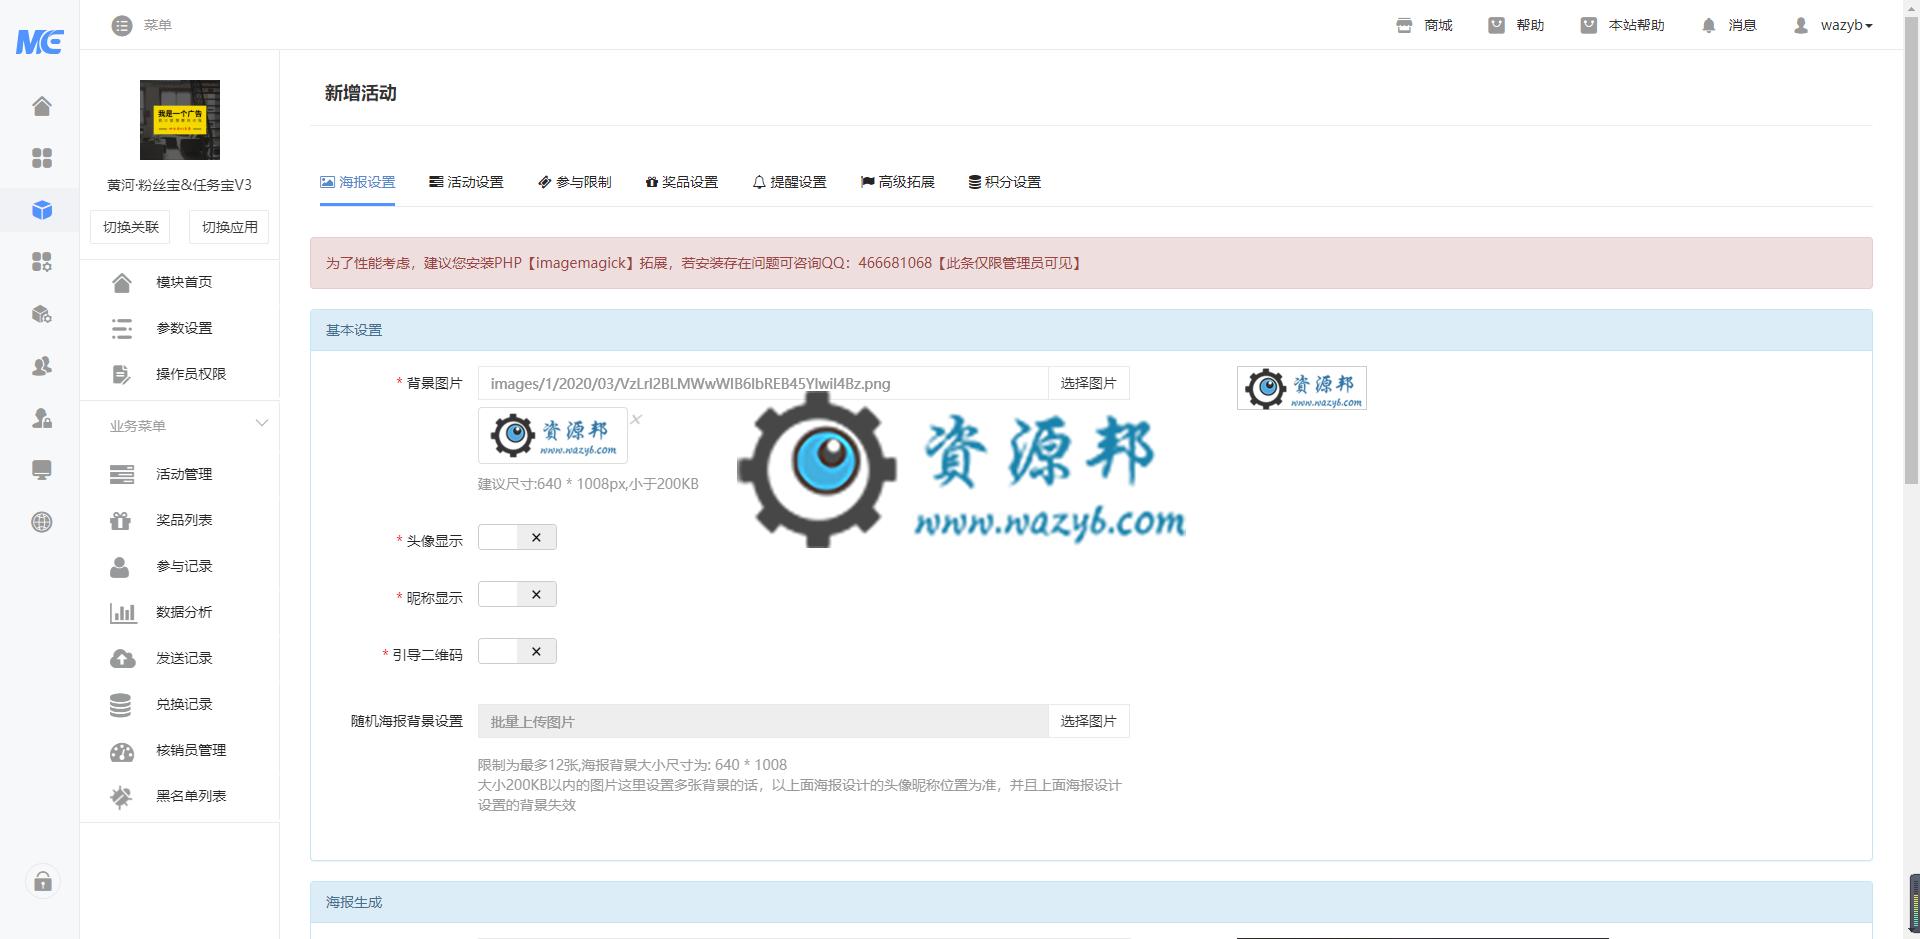 【公众号应用】黄河粉丝宝任务宝V3_1.4.0完整最终安装包 公众号应用 第2张